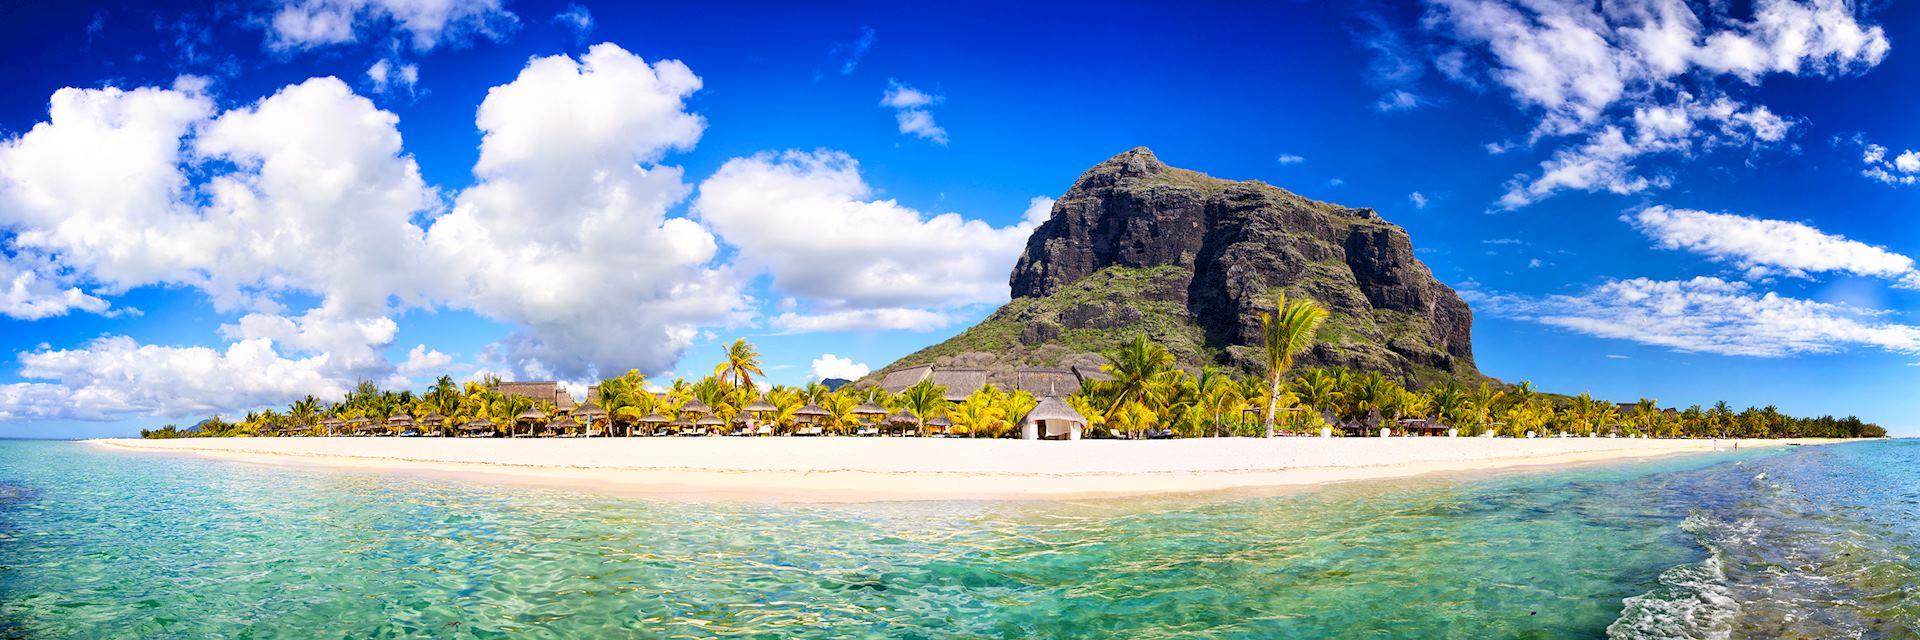 Le Morne Brabant Mountain, Mauritius